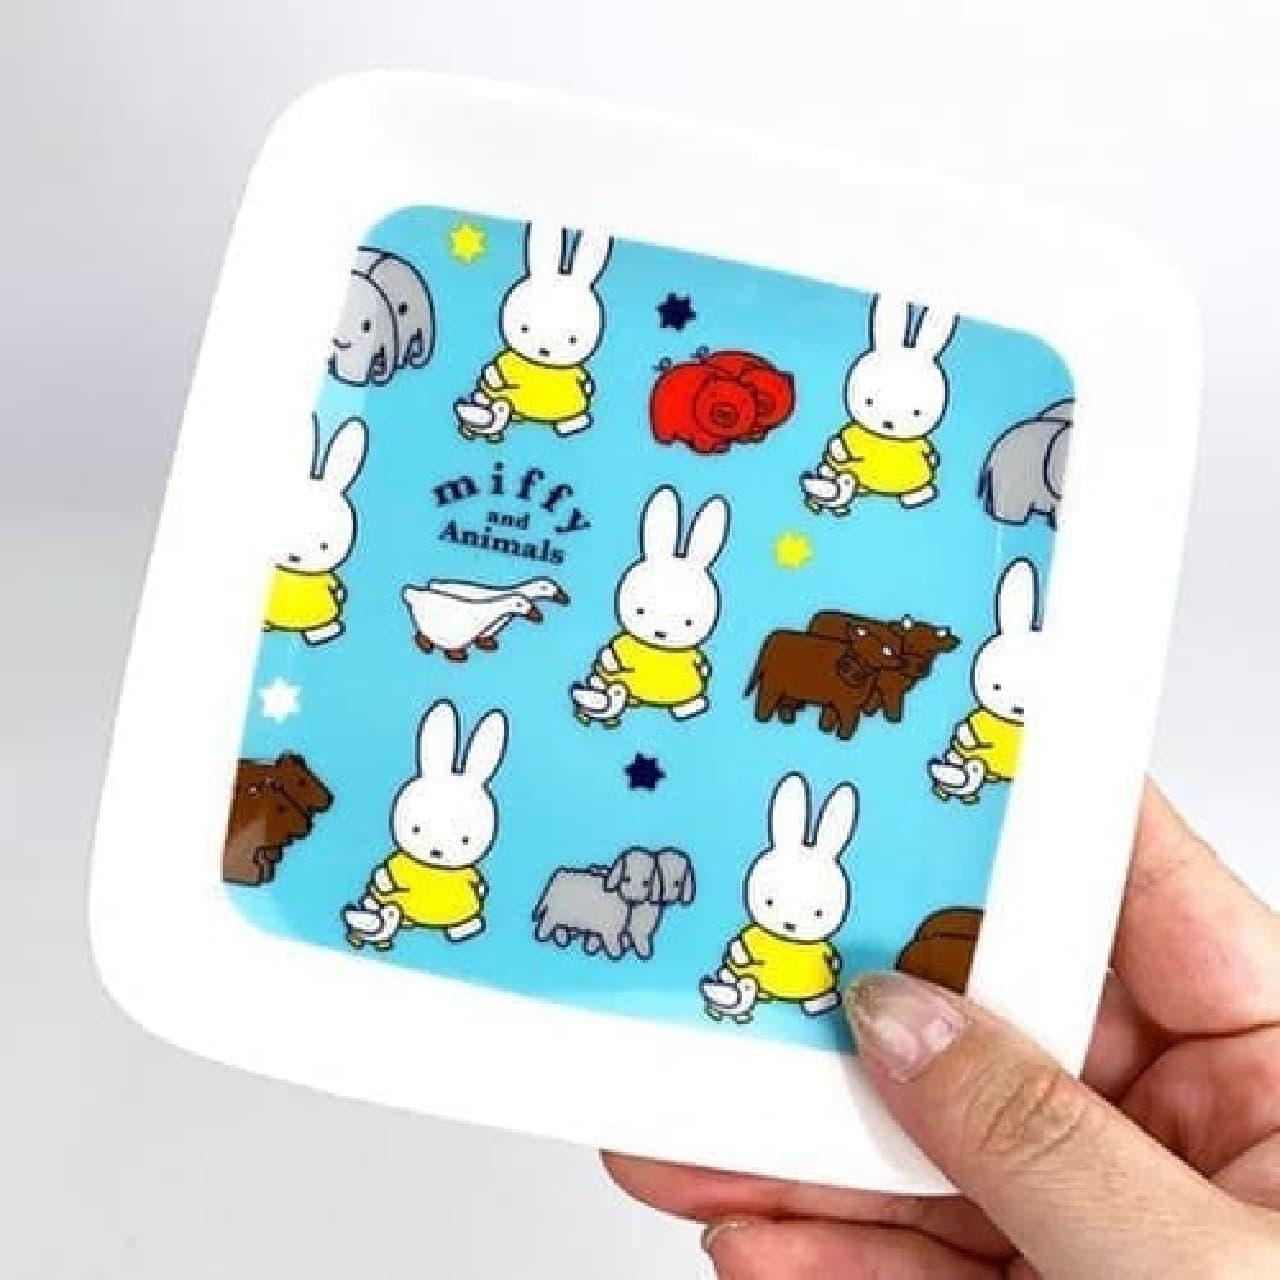 ミッフィー&動物たちが可愛いプレート -- マグカップとそろえても♪